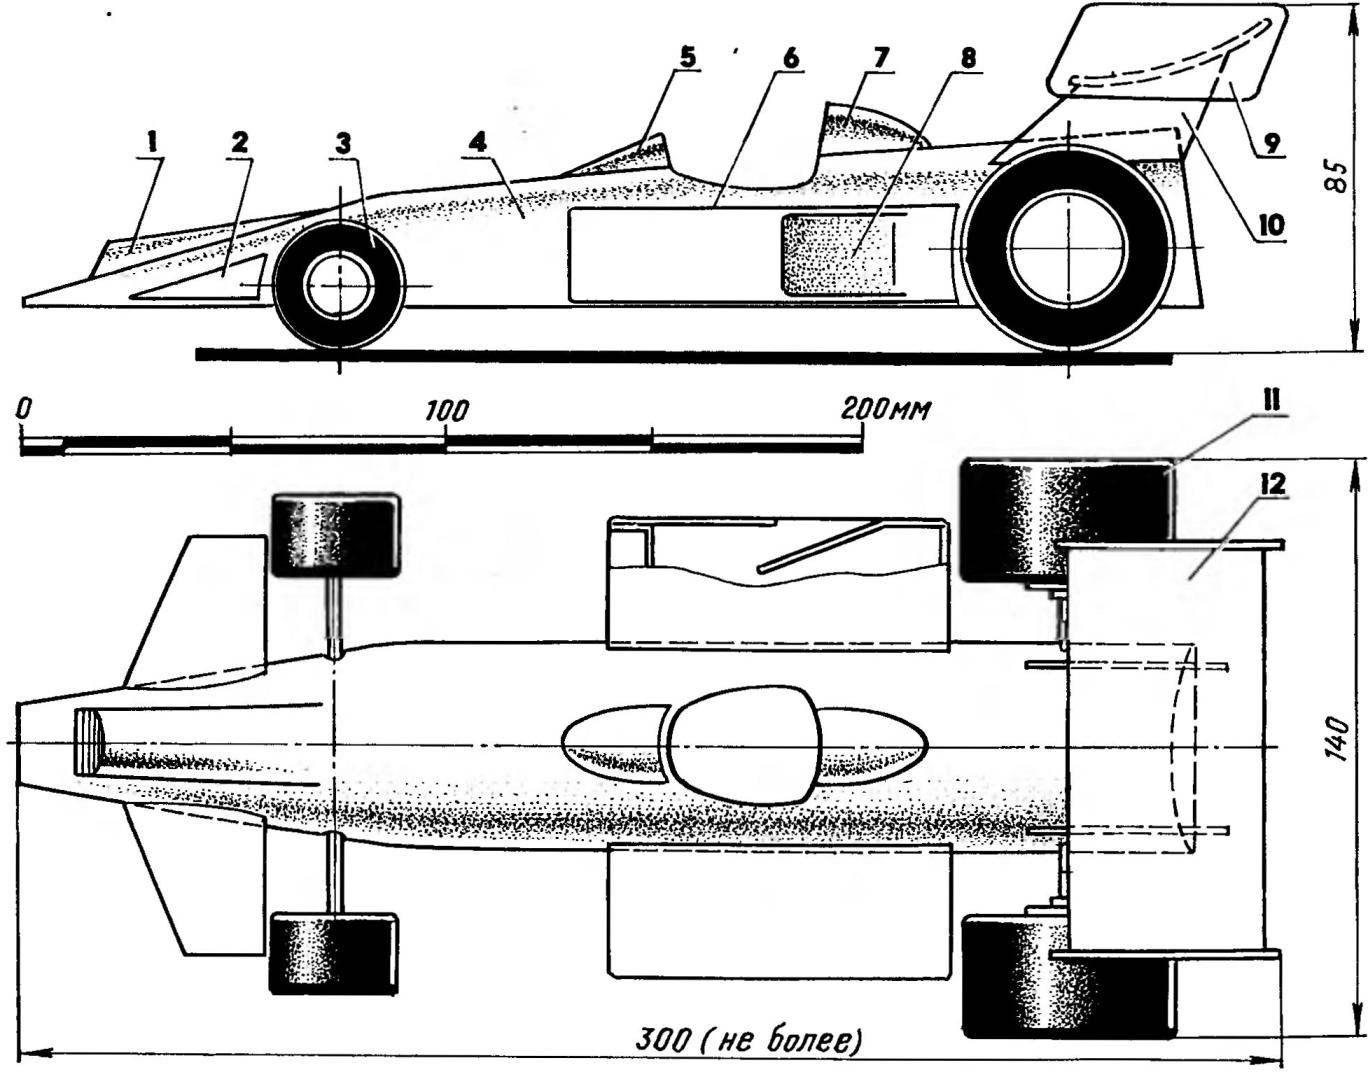 Резиномоторная модель переходного подкласса с имитационным кузовом в форме современного гоночного автомобиля2